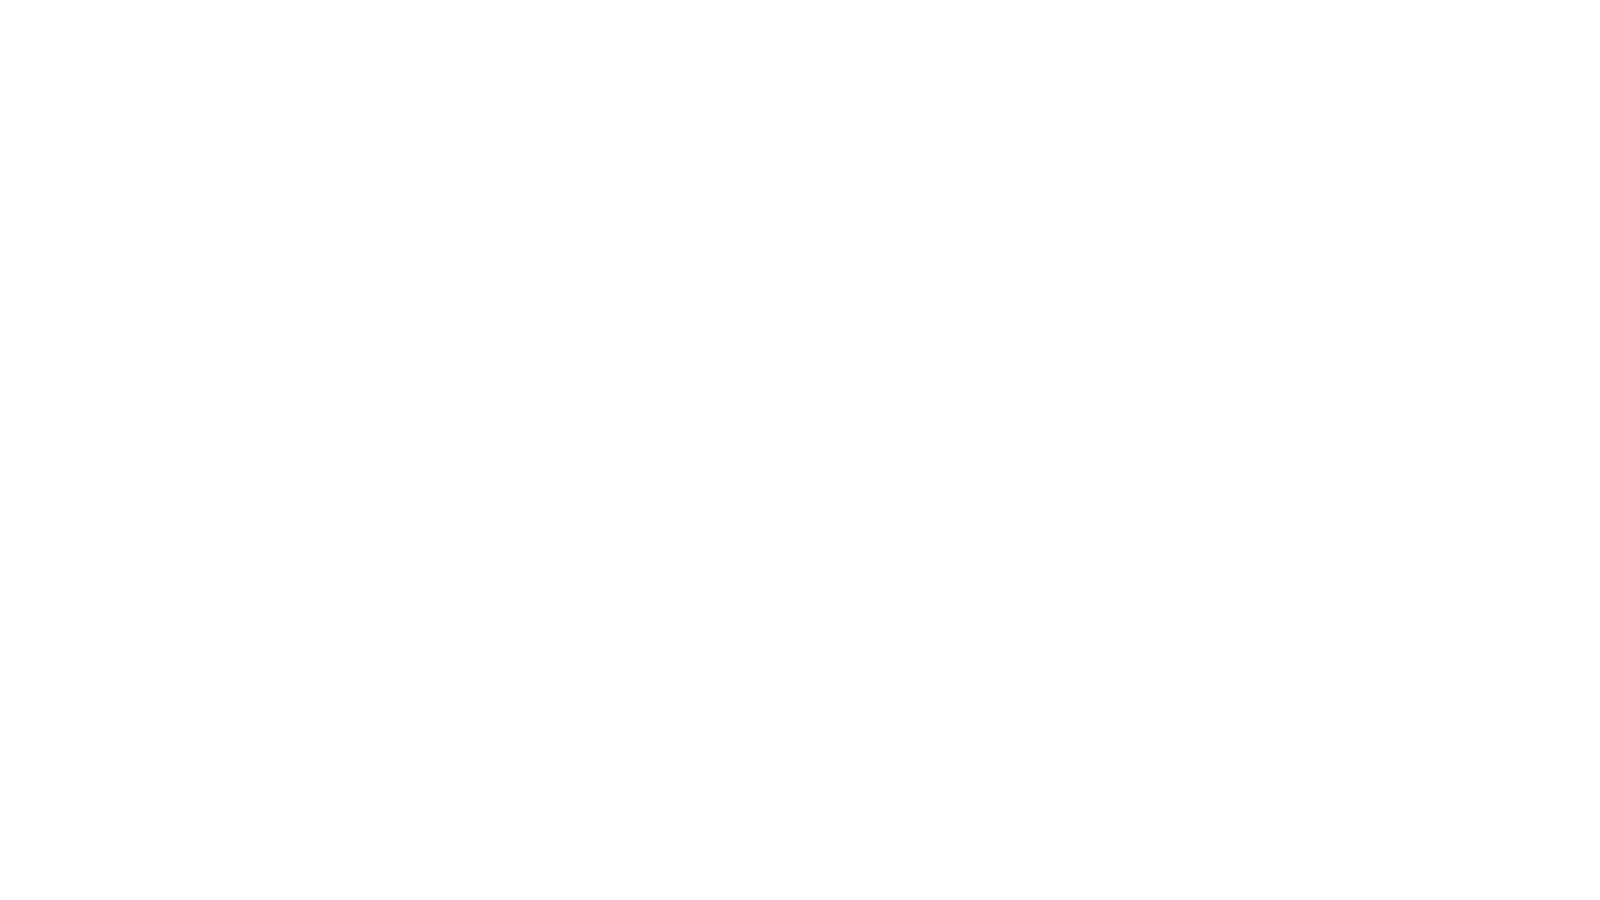 fpo1600x900